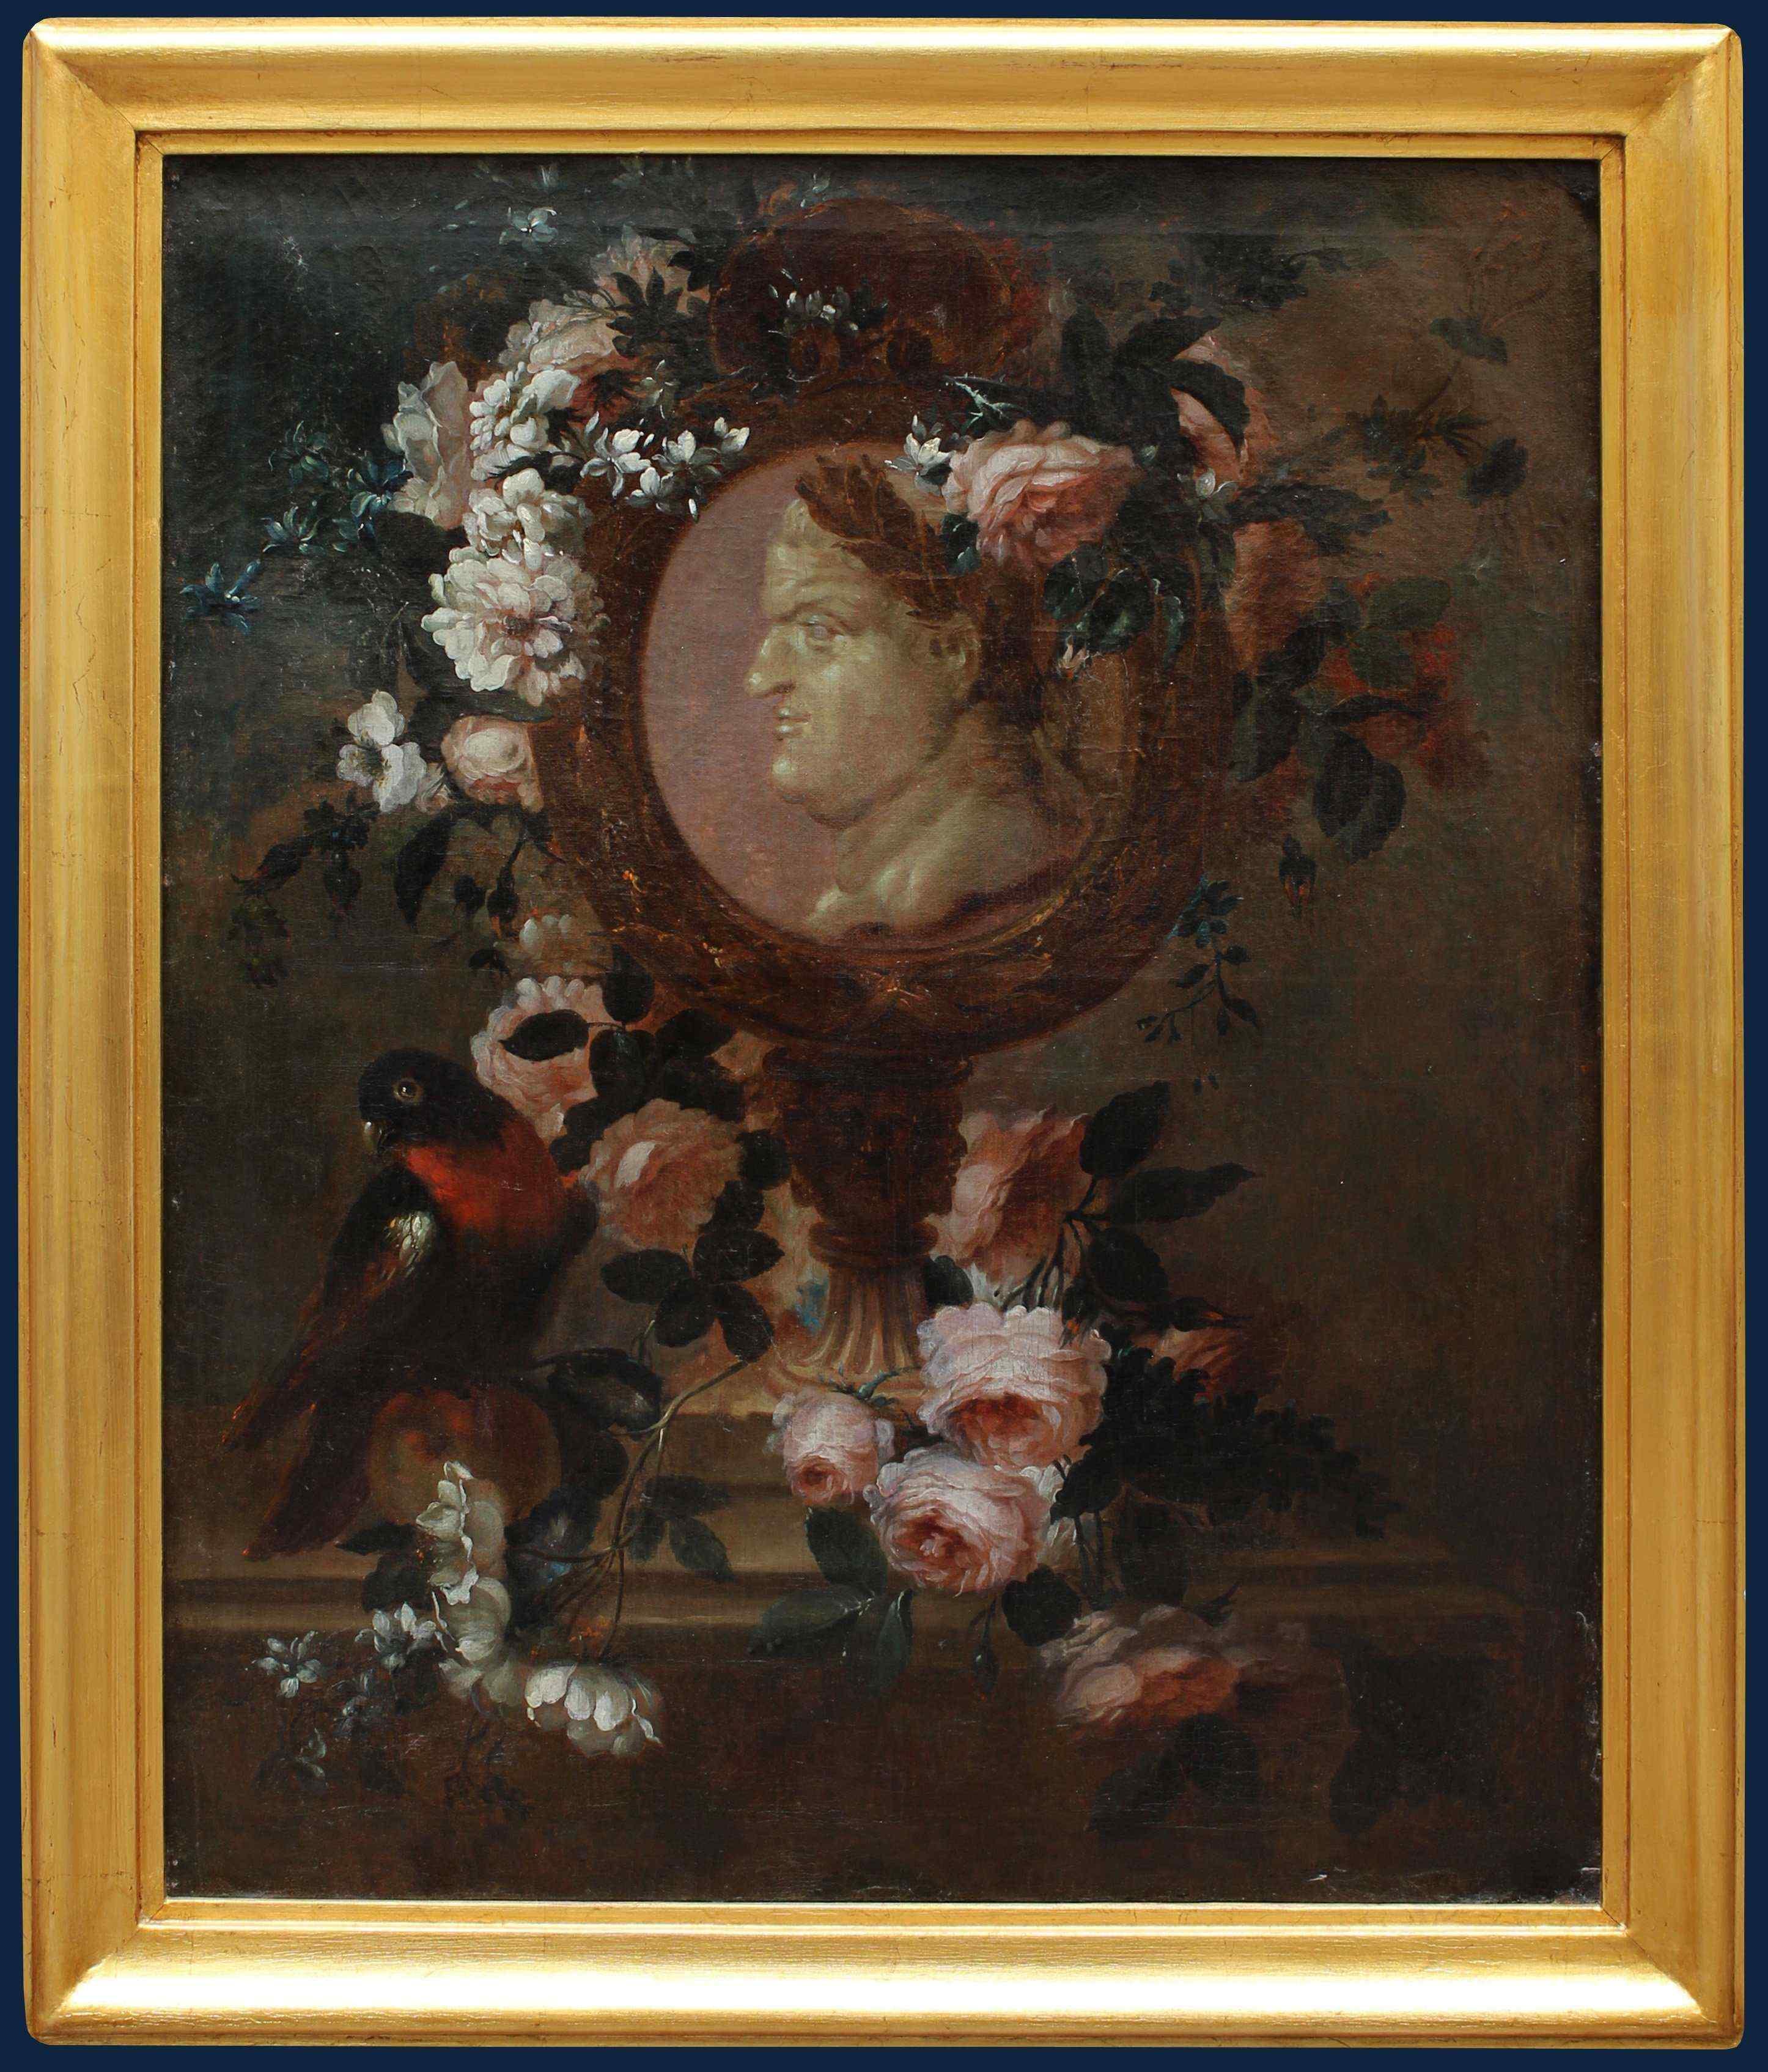 Francia, Secolo XVIII, Natura morta, Olio su tela, cm 82x67.